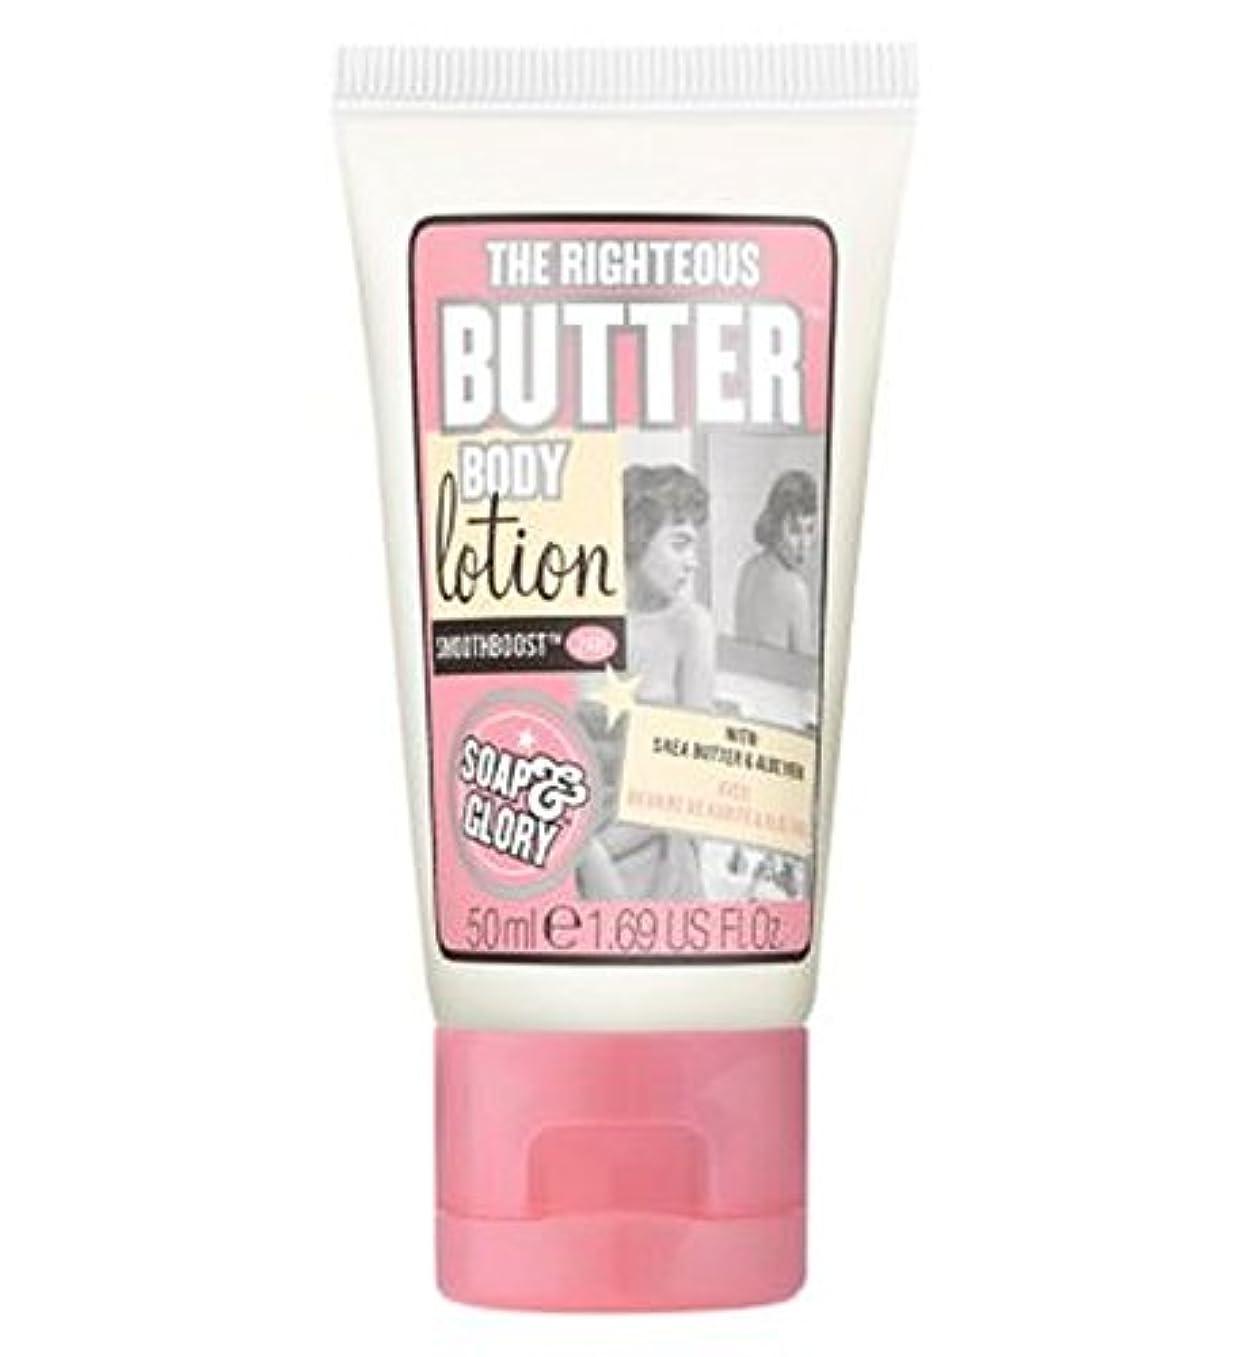 野望グラスバイパスSoap & Glory The Righteous Butter Lotion 50ml - 石鹸&栄光正義のバターローション50ミリリットル (Soap & Glory) [並行輸入品]